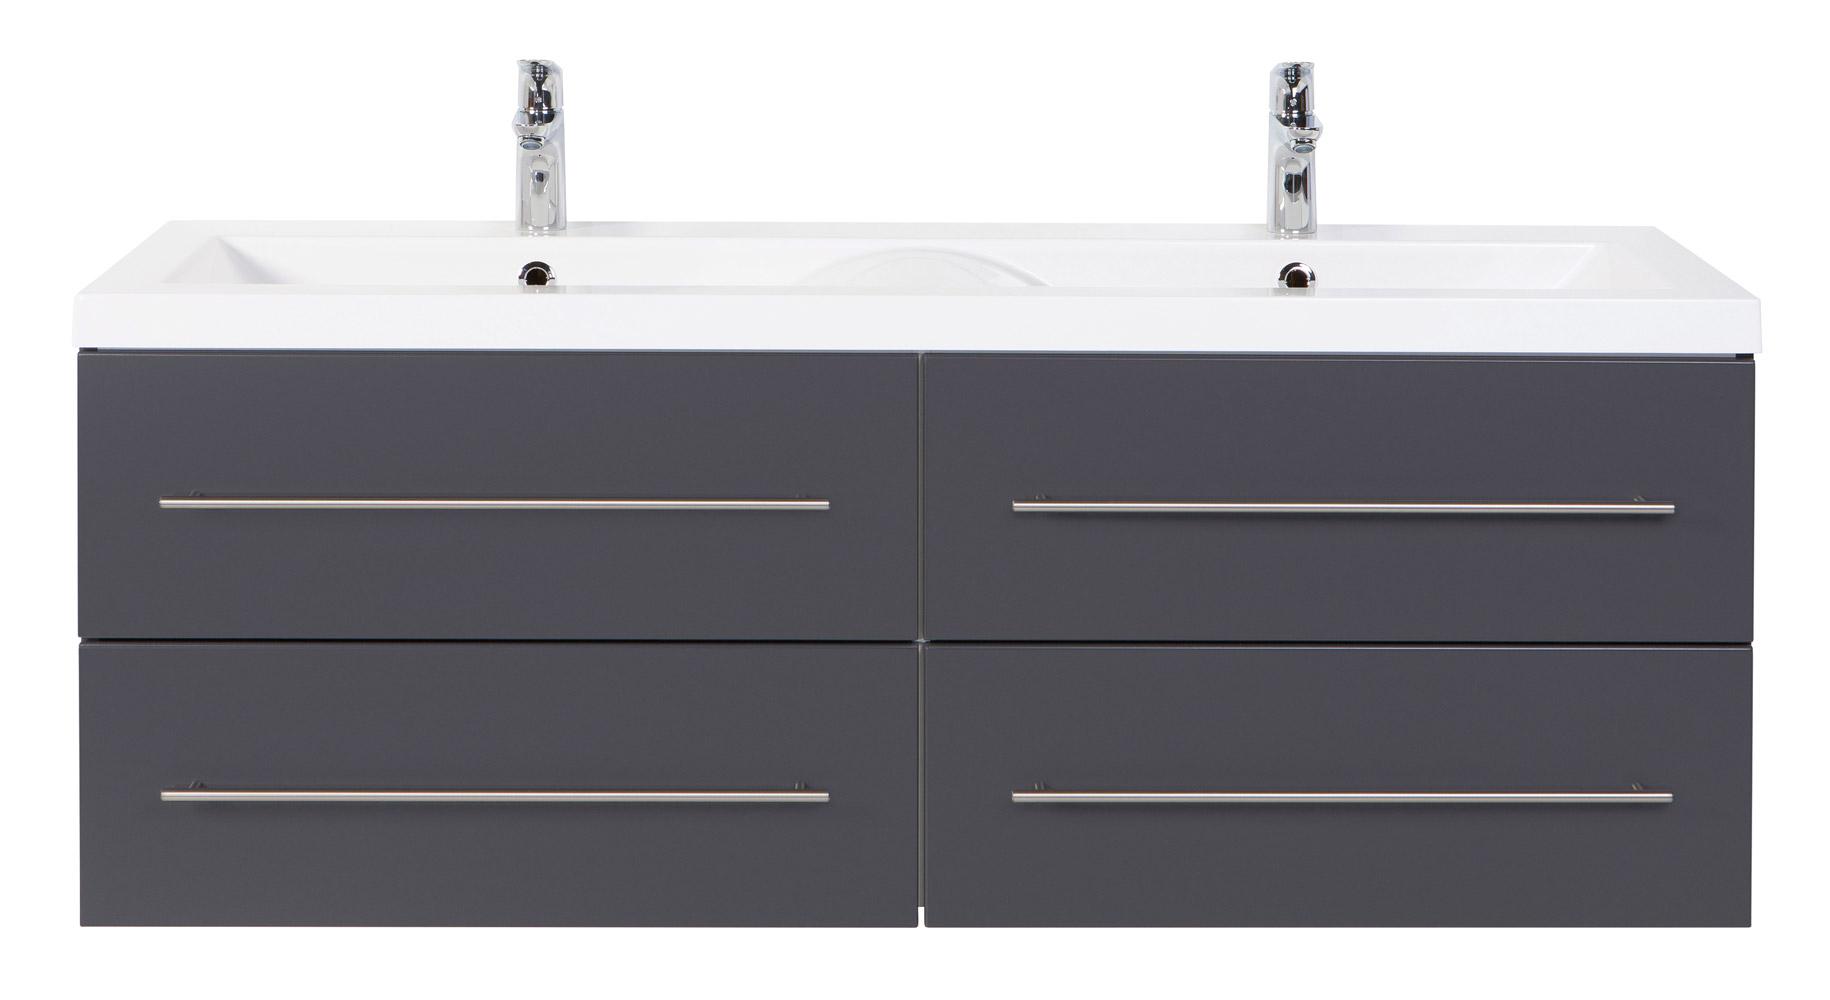 Doppel-Waschtisch inklusive Waschtischunterschrank anthrazit Seidenglanz  144cm